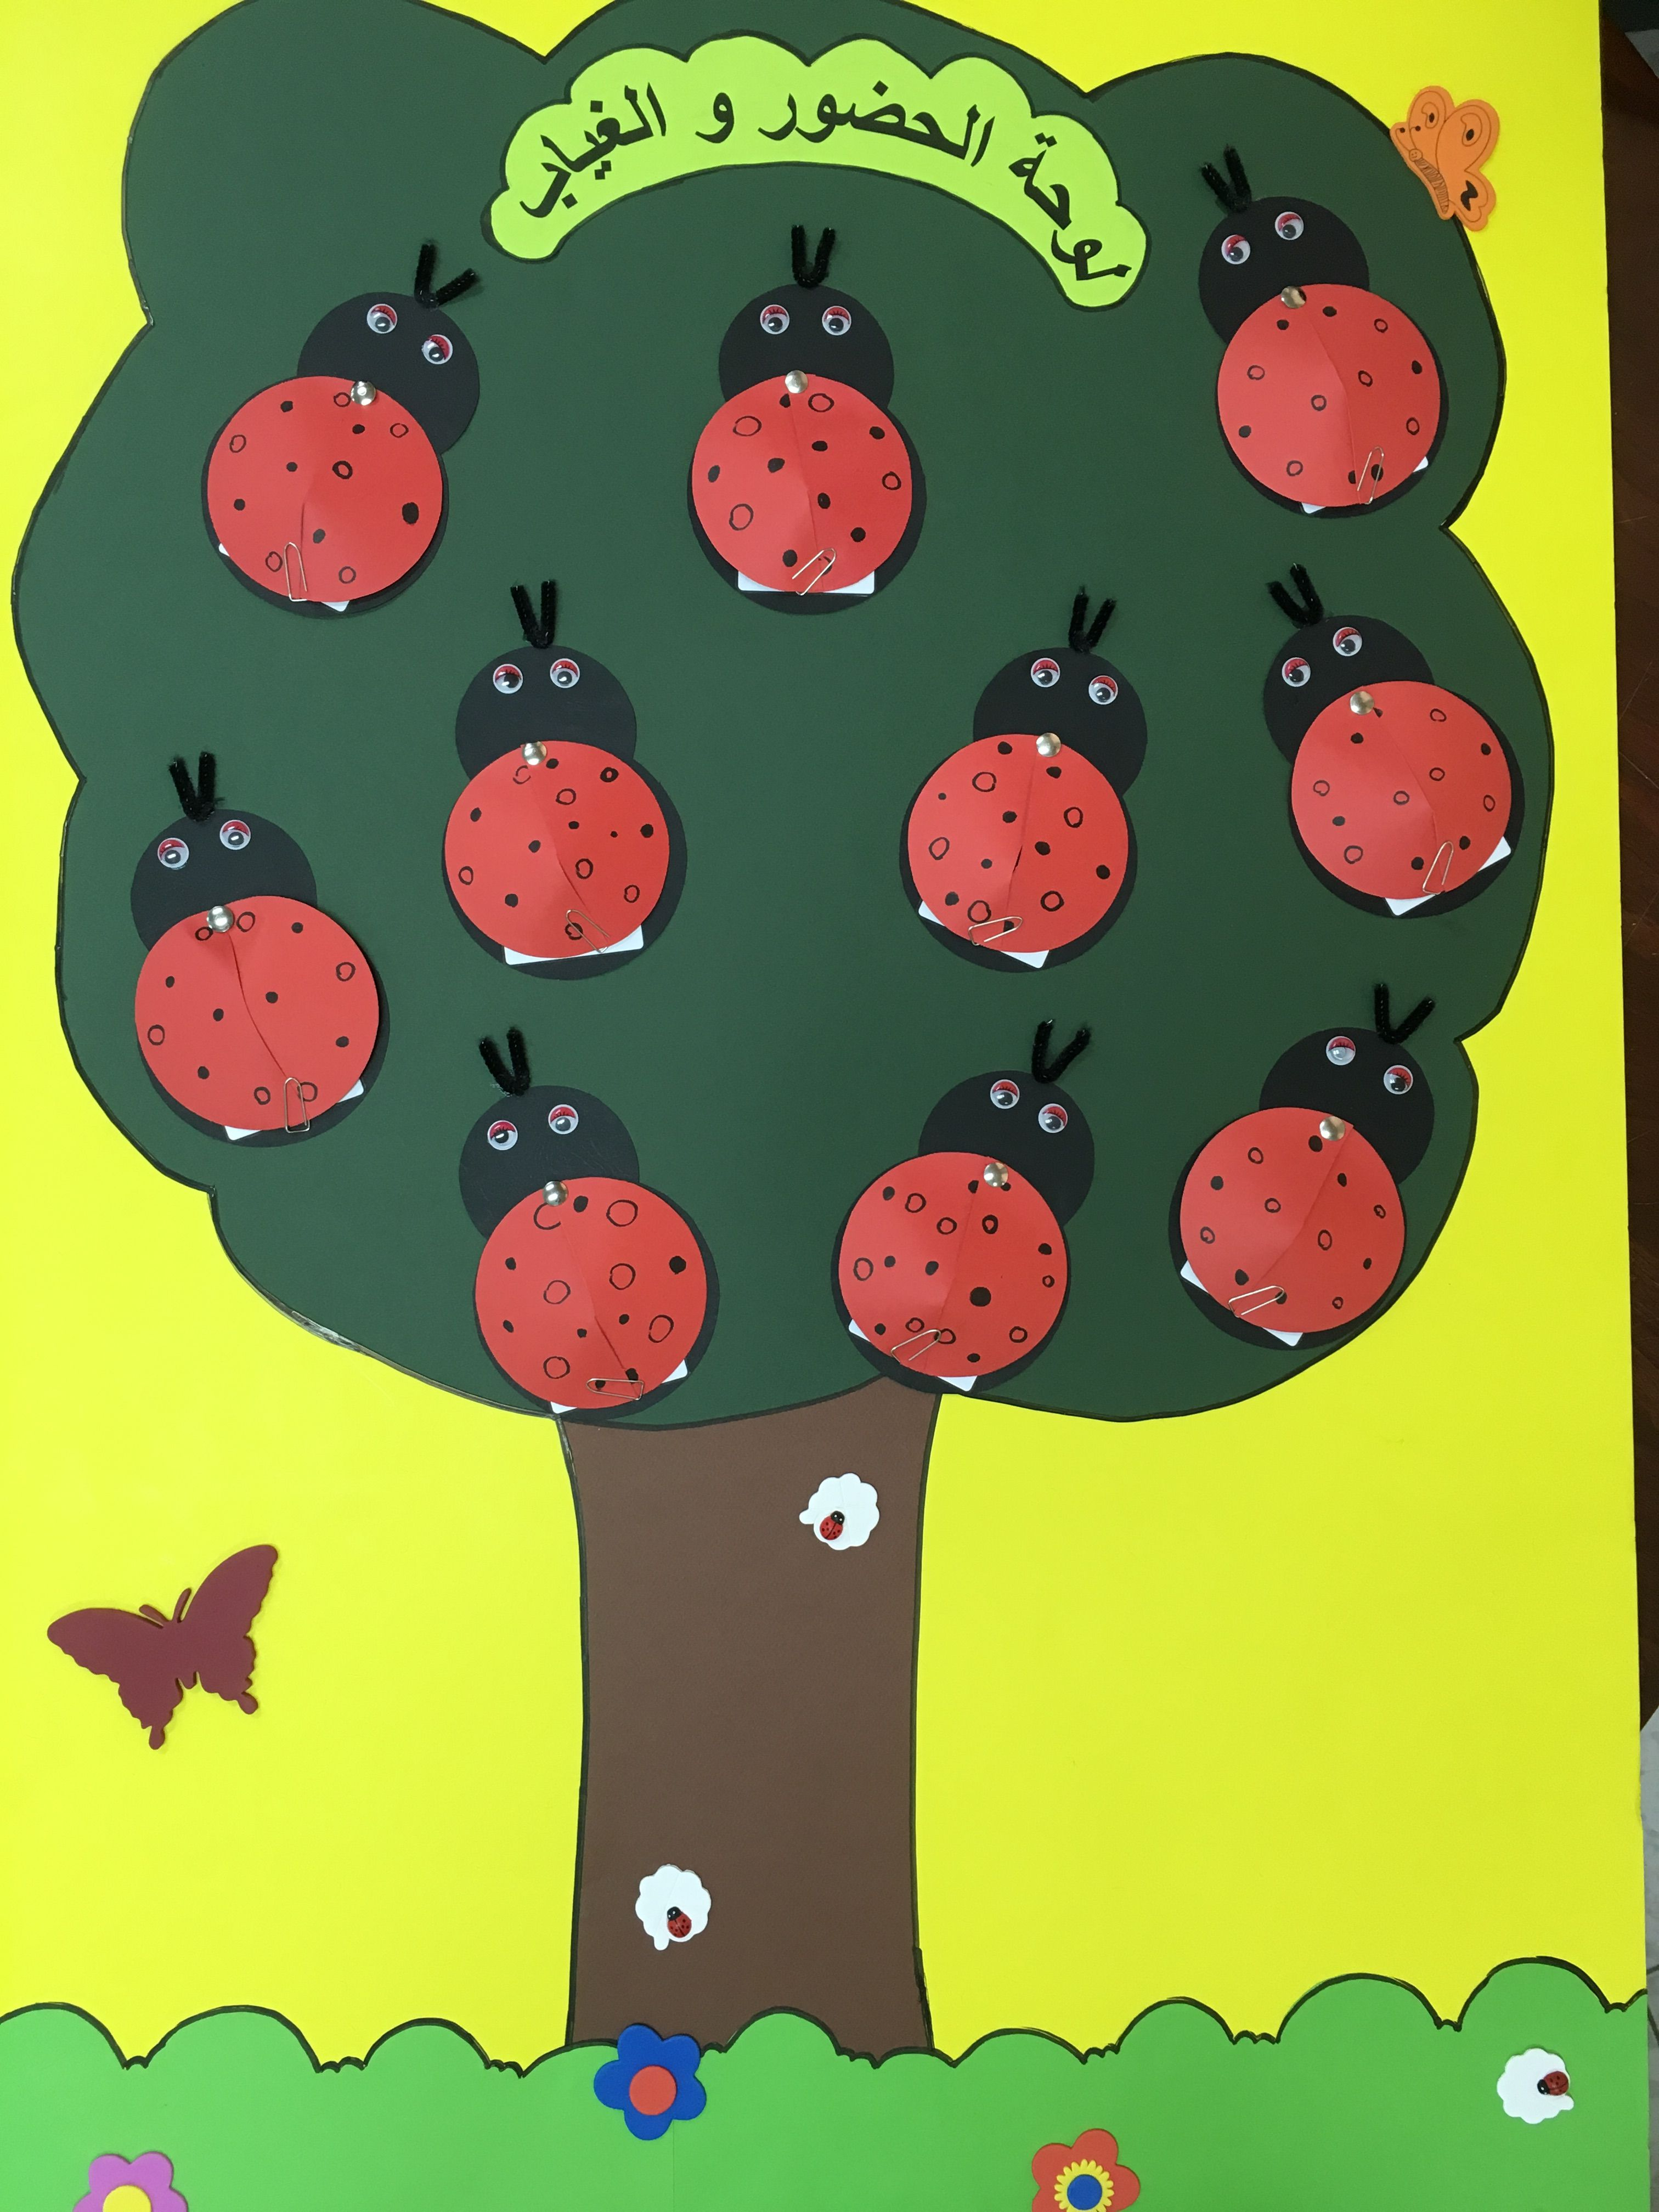 لوحة الحضور والغياب الهدف من اللوحة تشجيع الاطفال على الحضور Preschool Bulletin Boards Classroom Birthday November Bulletin Boards